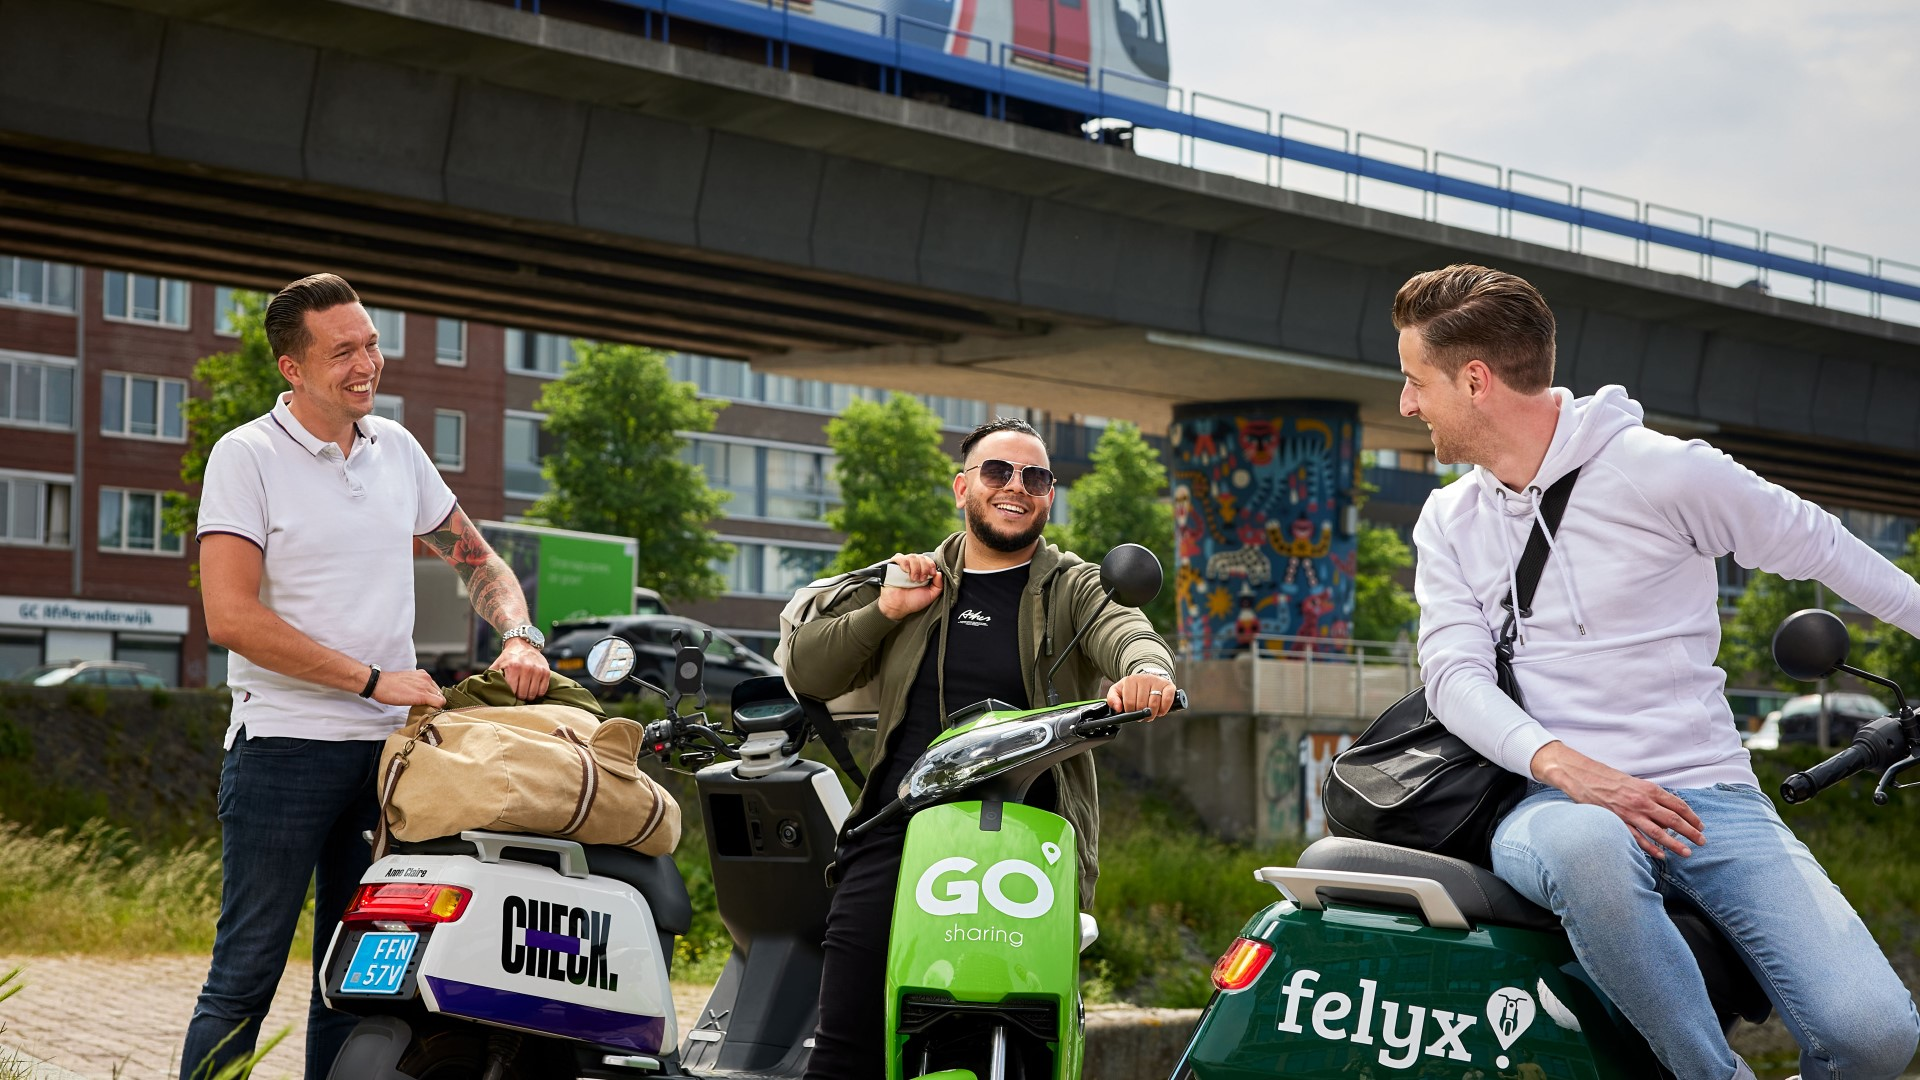 Maak je OV-reis compleet met een deelscooter, deelfiets, deelauto of de Watertaxi. Nu gratis rijminuten met de code RET2021